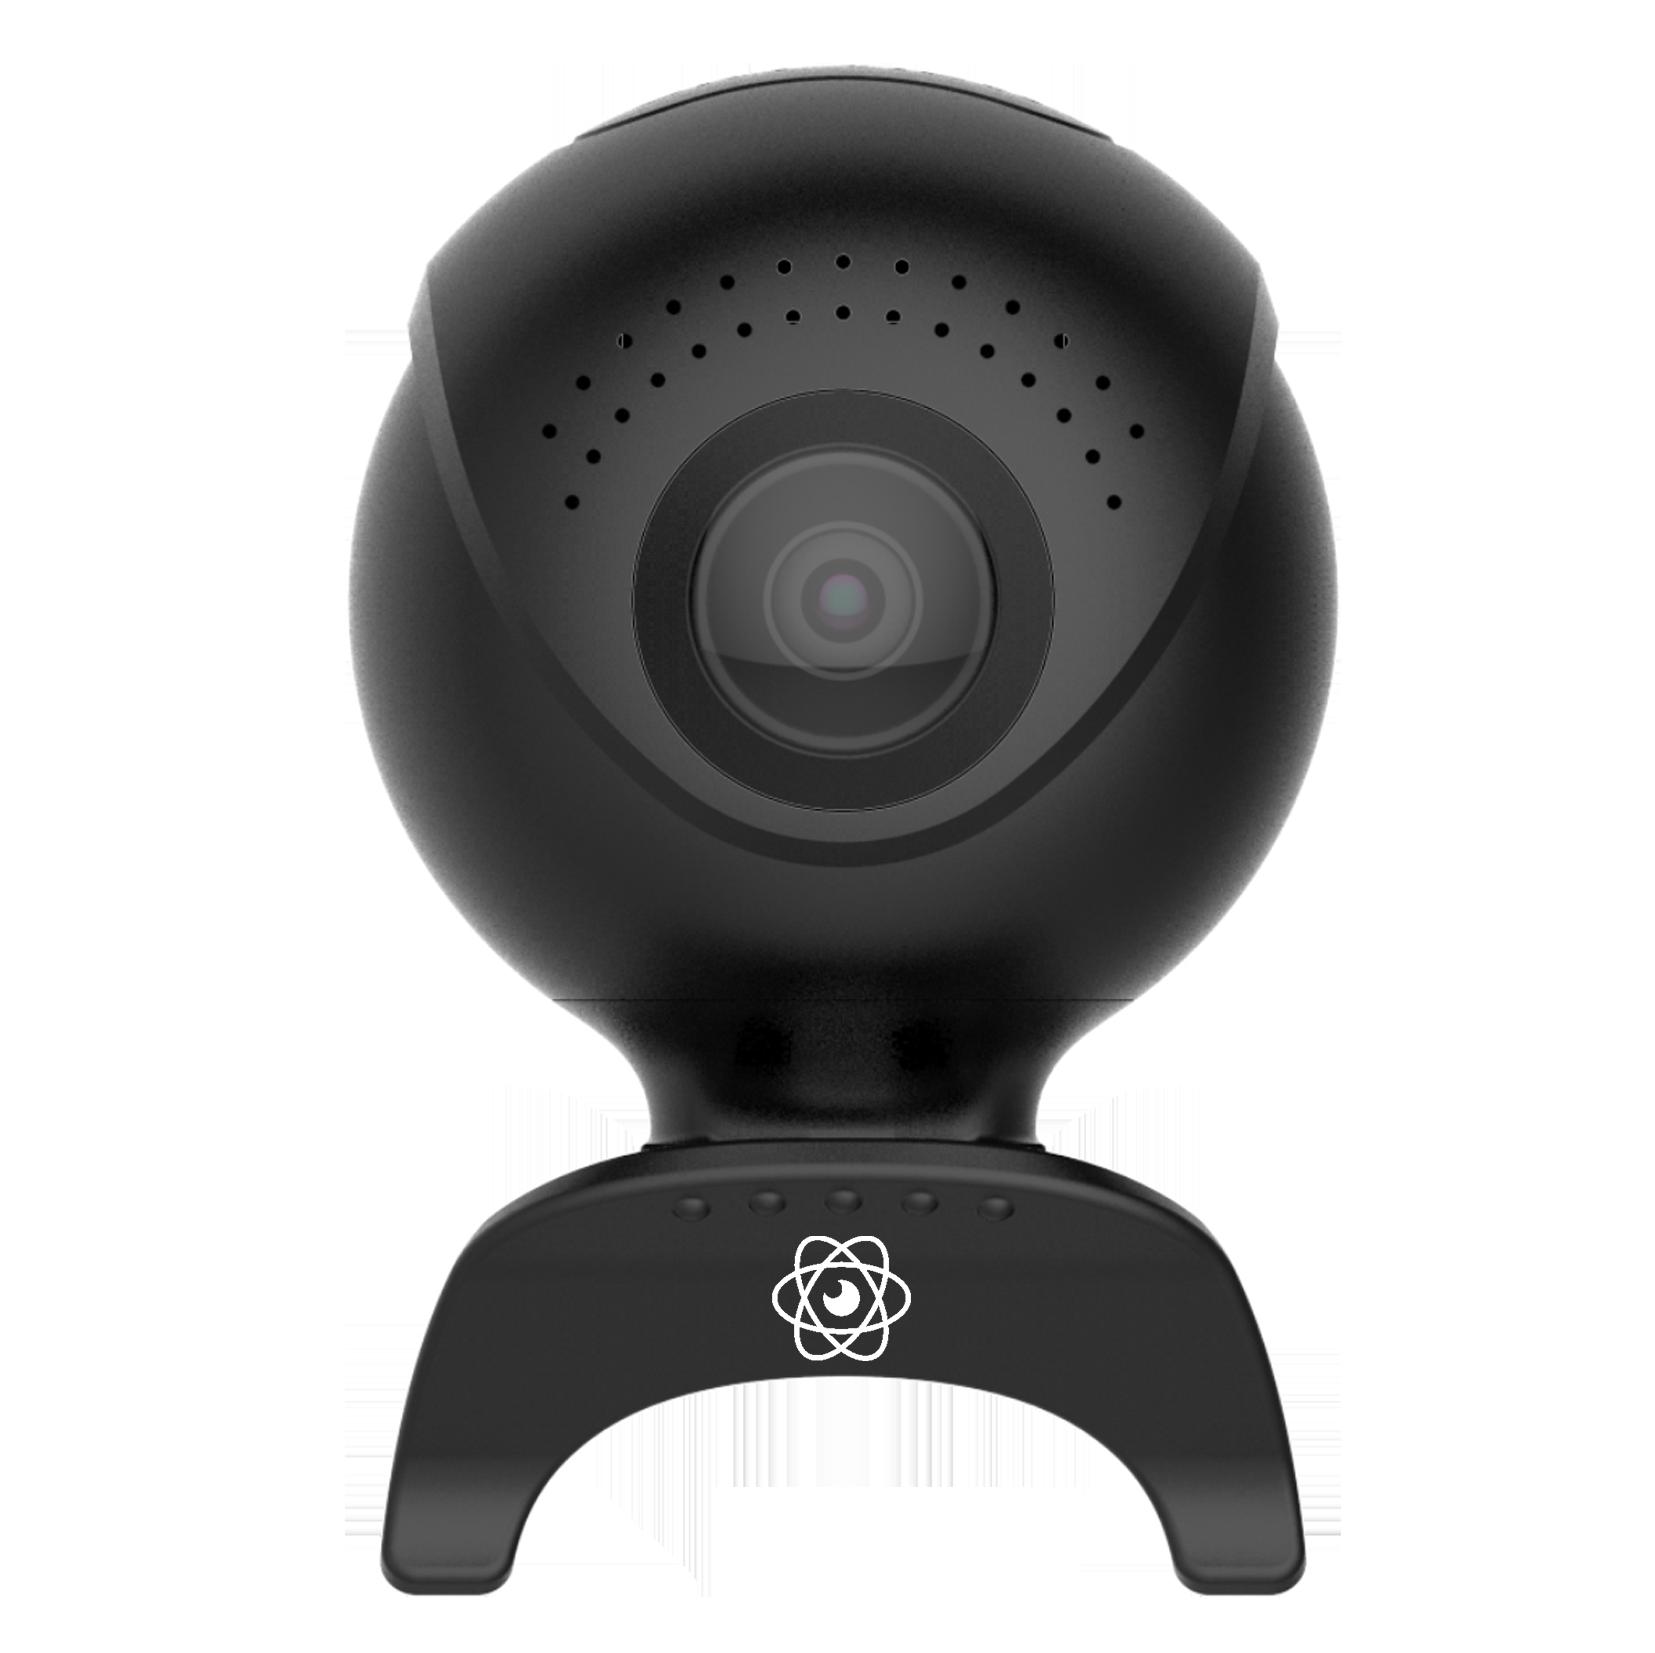 Mini caméra 360° 2 objectifs pour smartphone - ASTRO 360 - noire Qantik - ASTRO 360